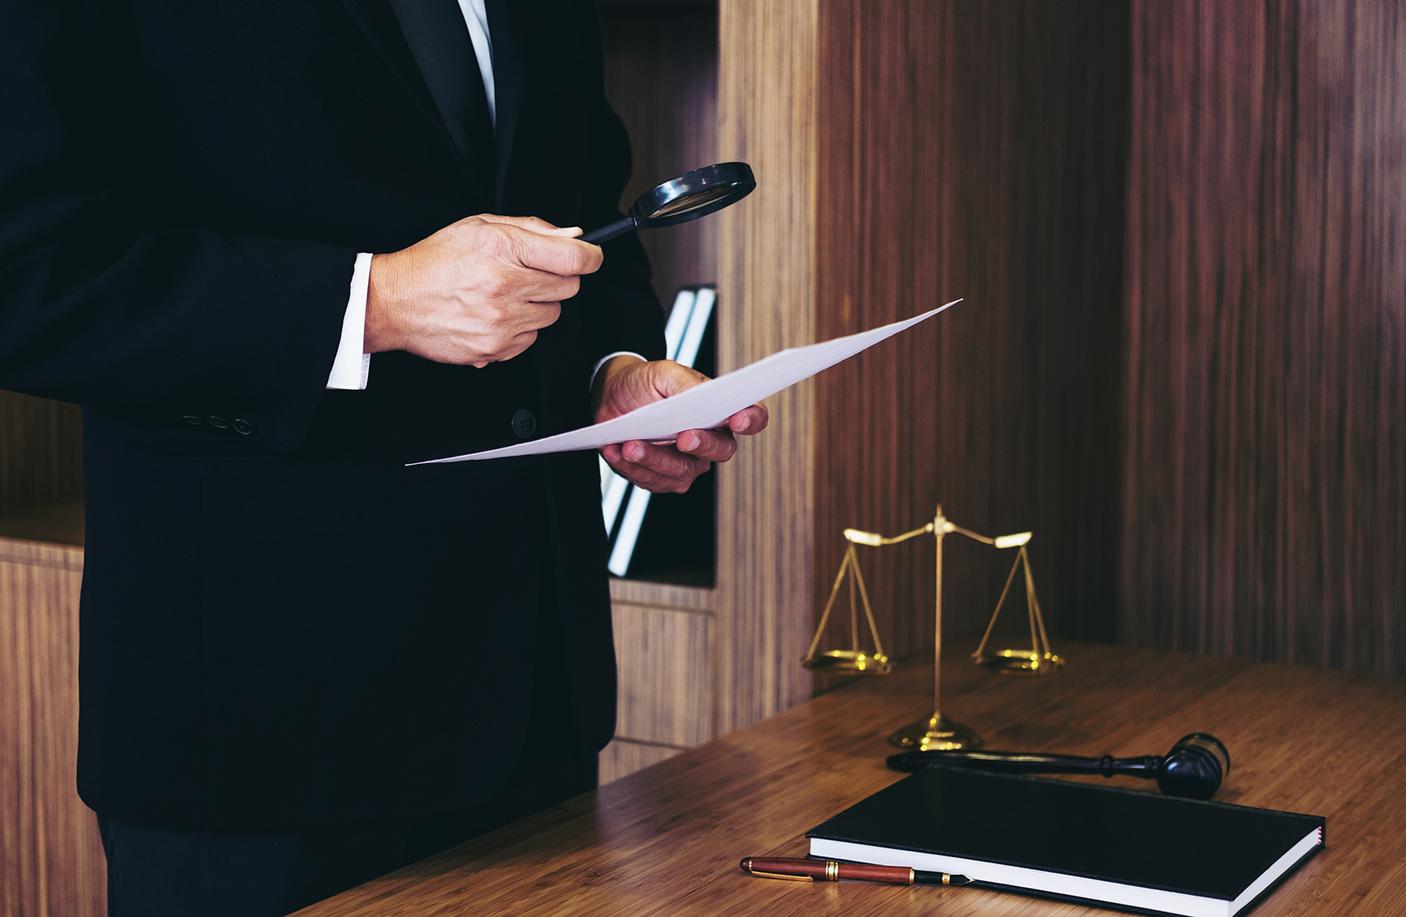 SEC lawyer